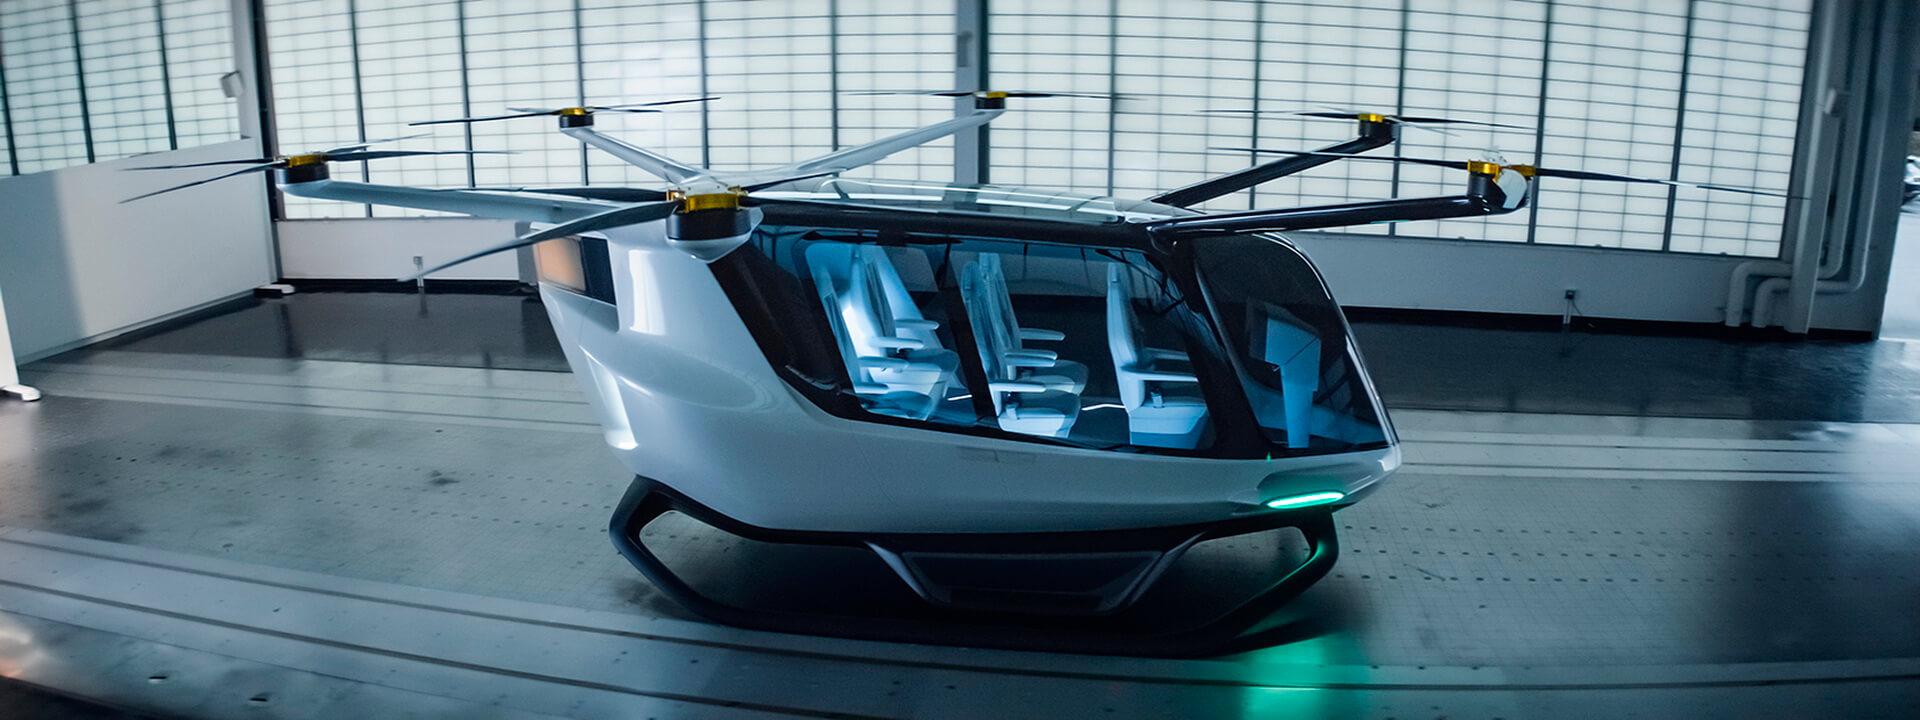 Alaka'i Technologies создали водородный летательный аппарат Skai